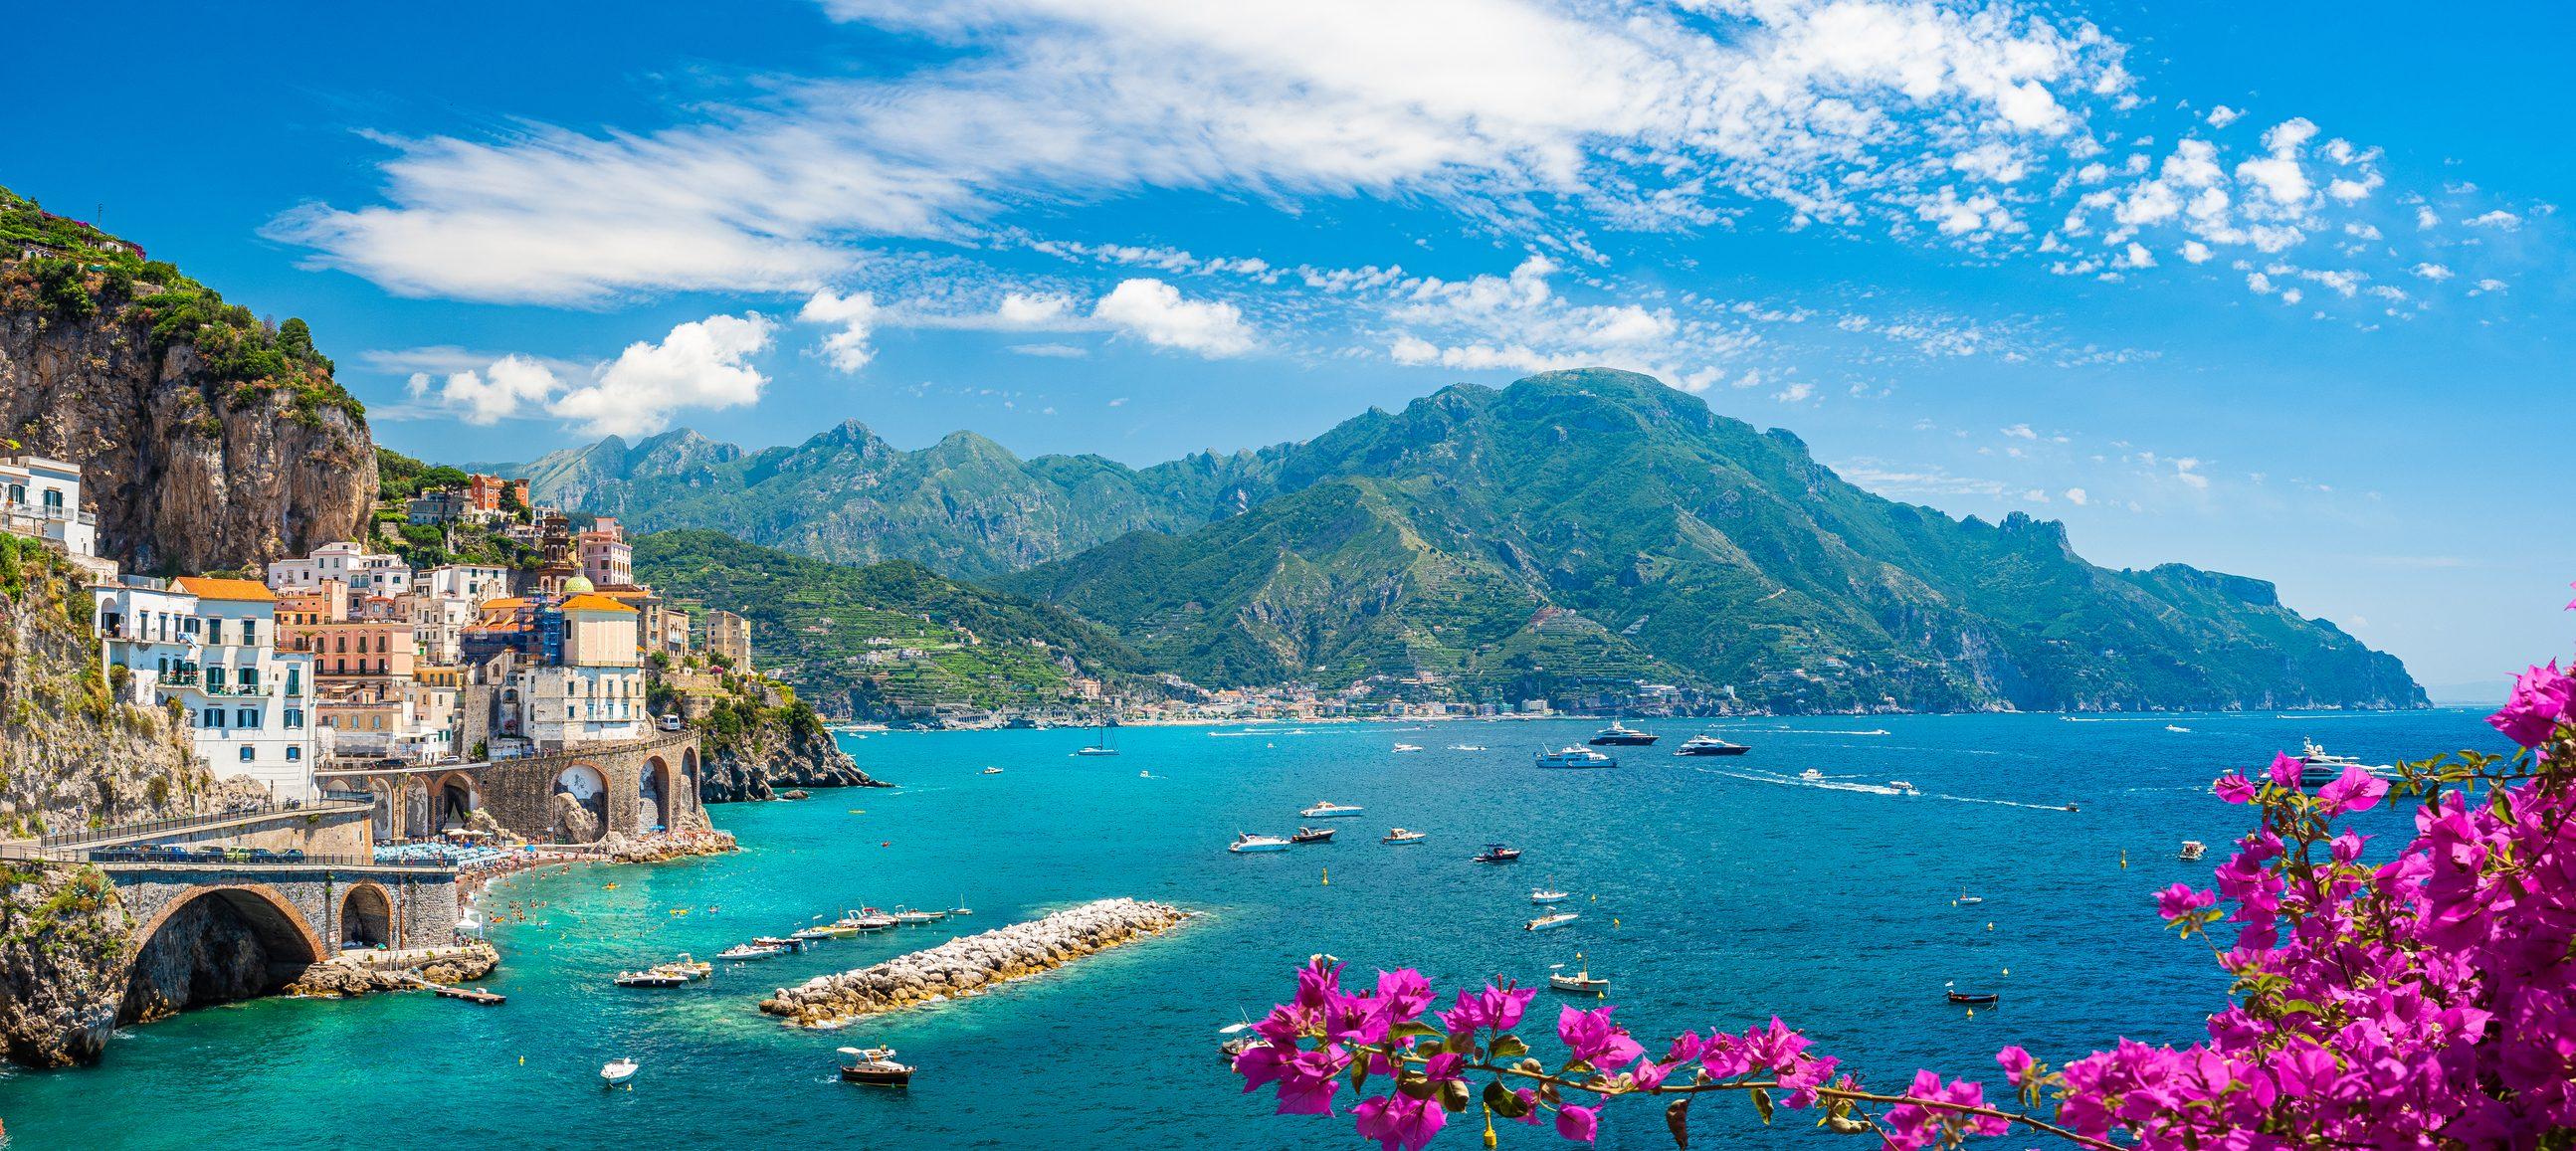 Un viaggio in Costiera Amalfitana tra piatti tipici unici e paesaggi mozzafiato